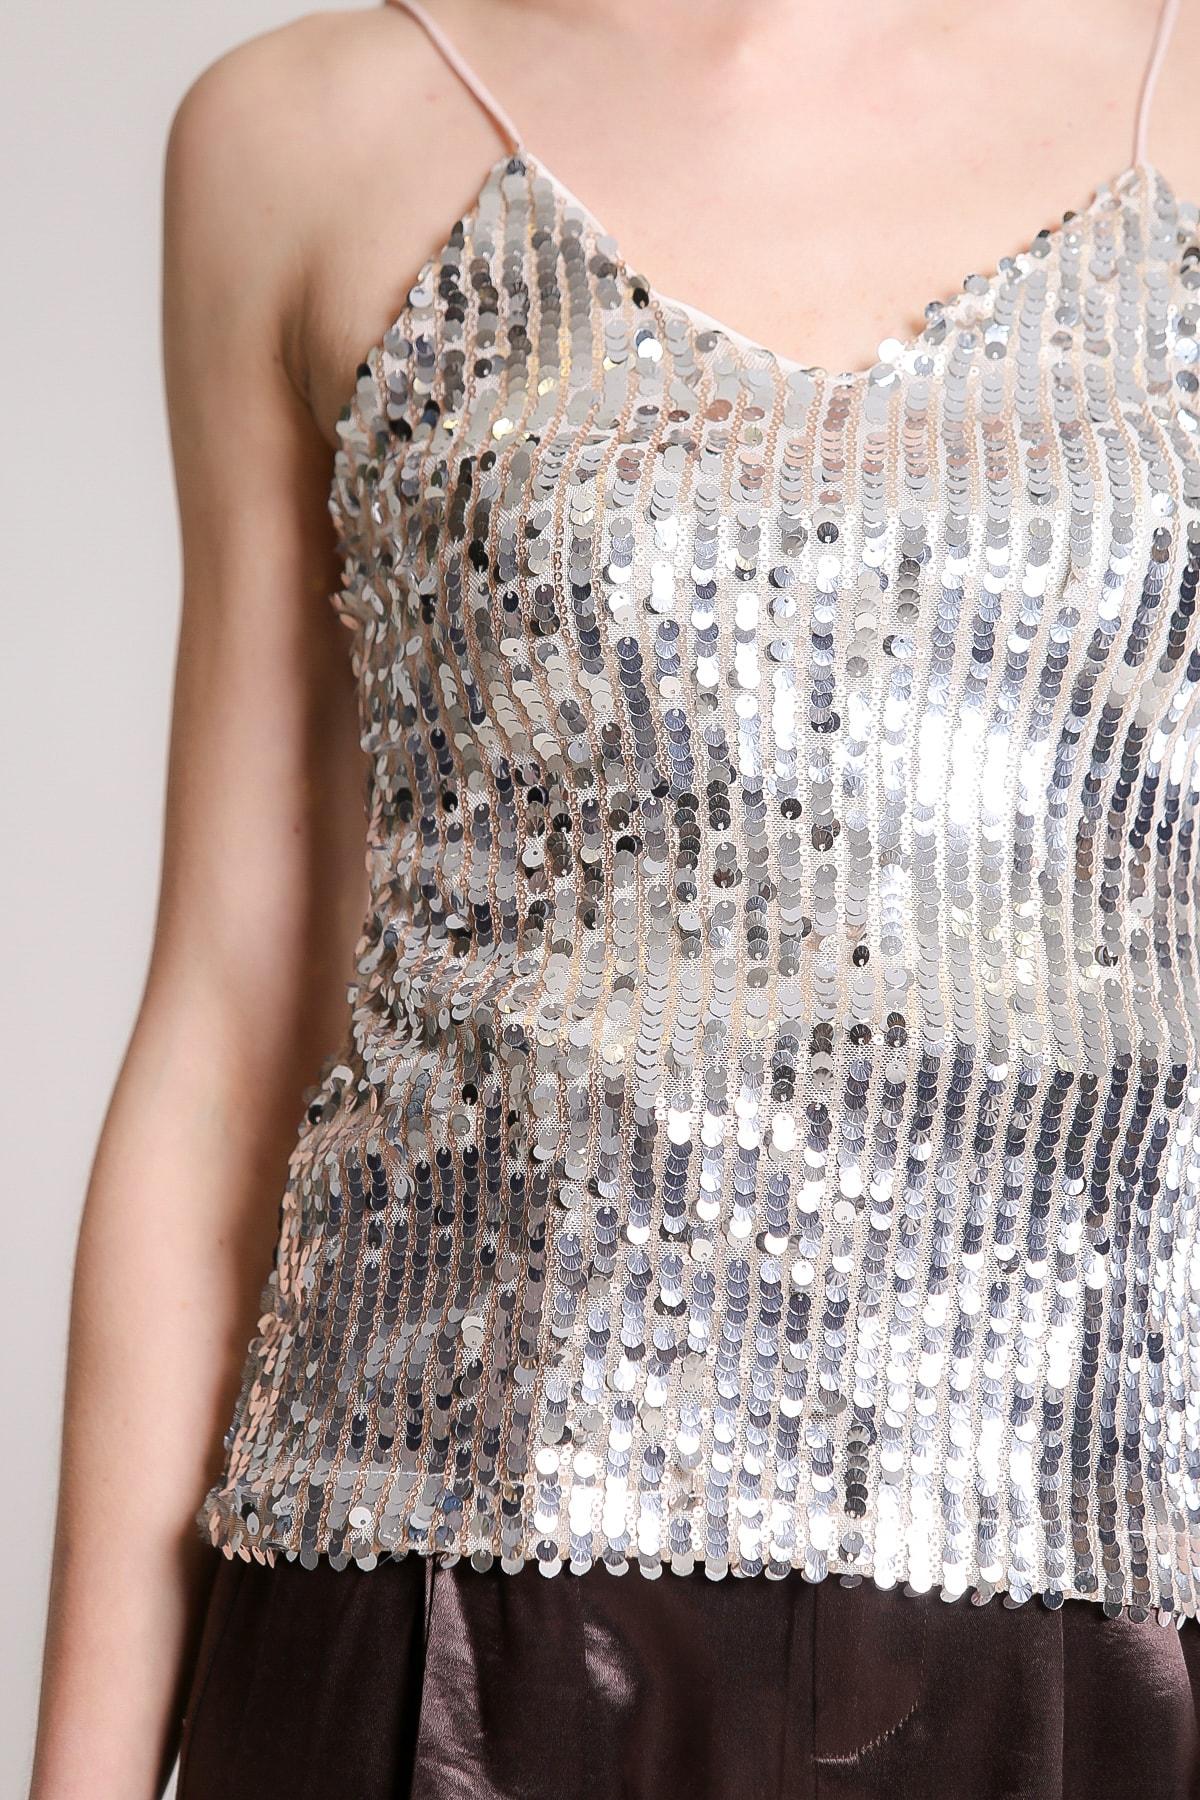 Chiccy Kadın Gümüş Retro Askılı Balık Pul Payetli Bluz M10010200BL96731 3